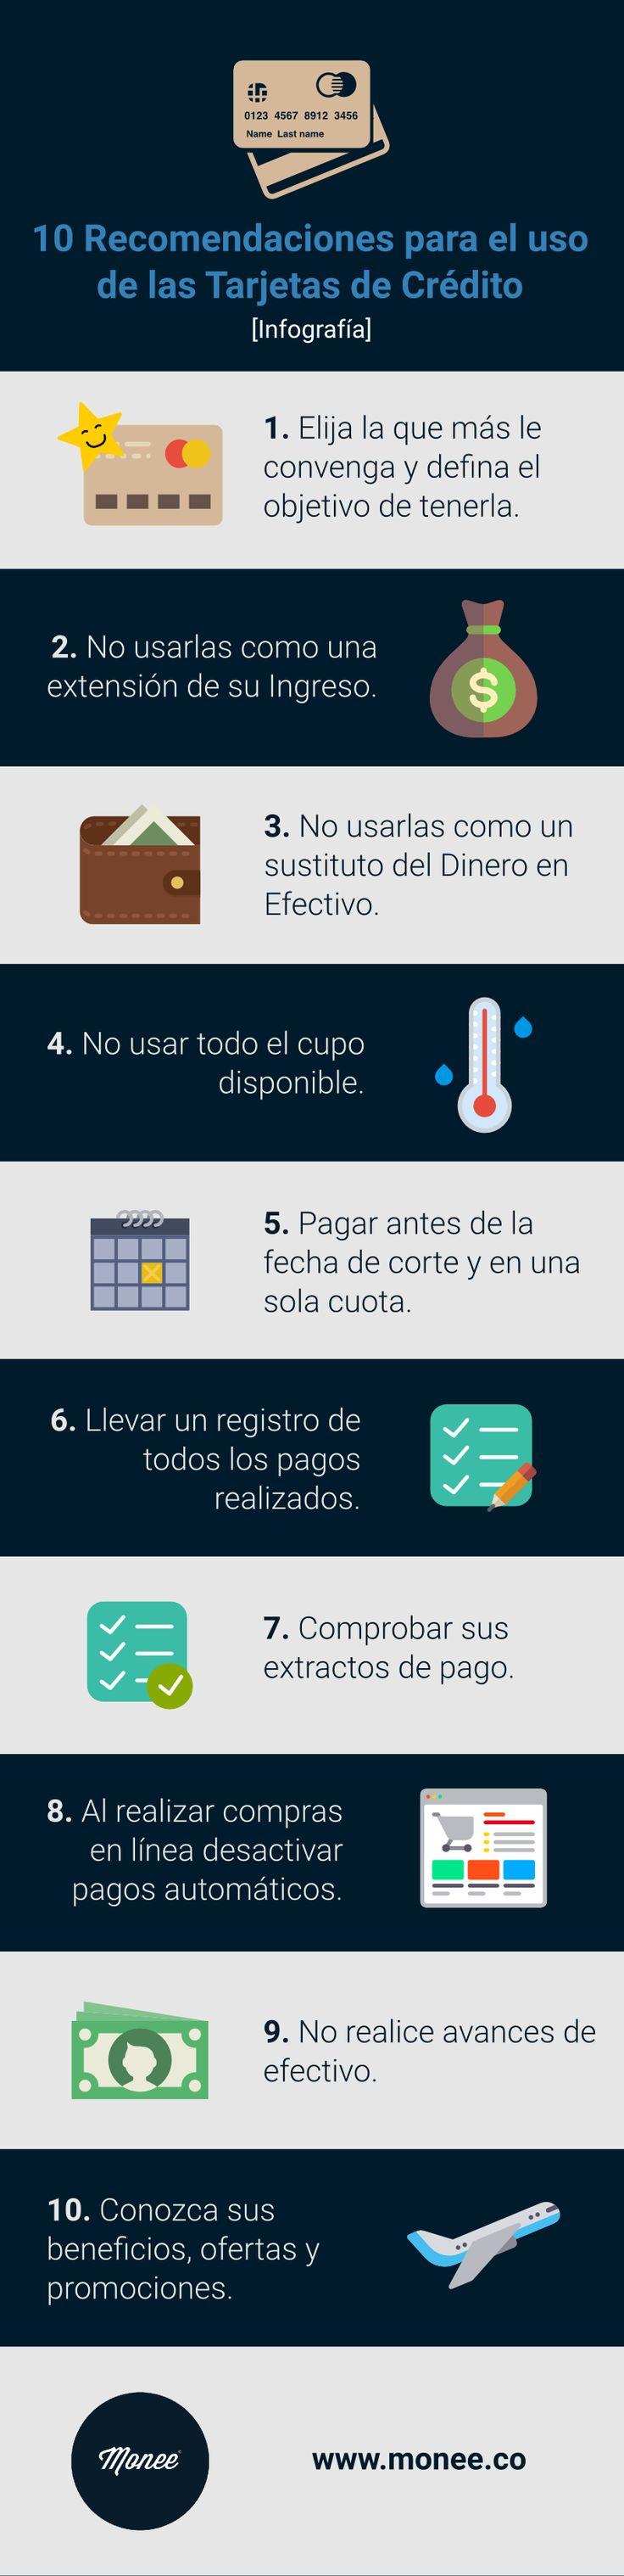 10 Recomendaciones para el uso de las Tarjetas de Crédito.